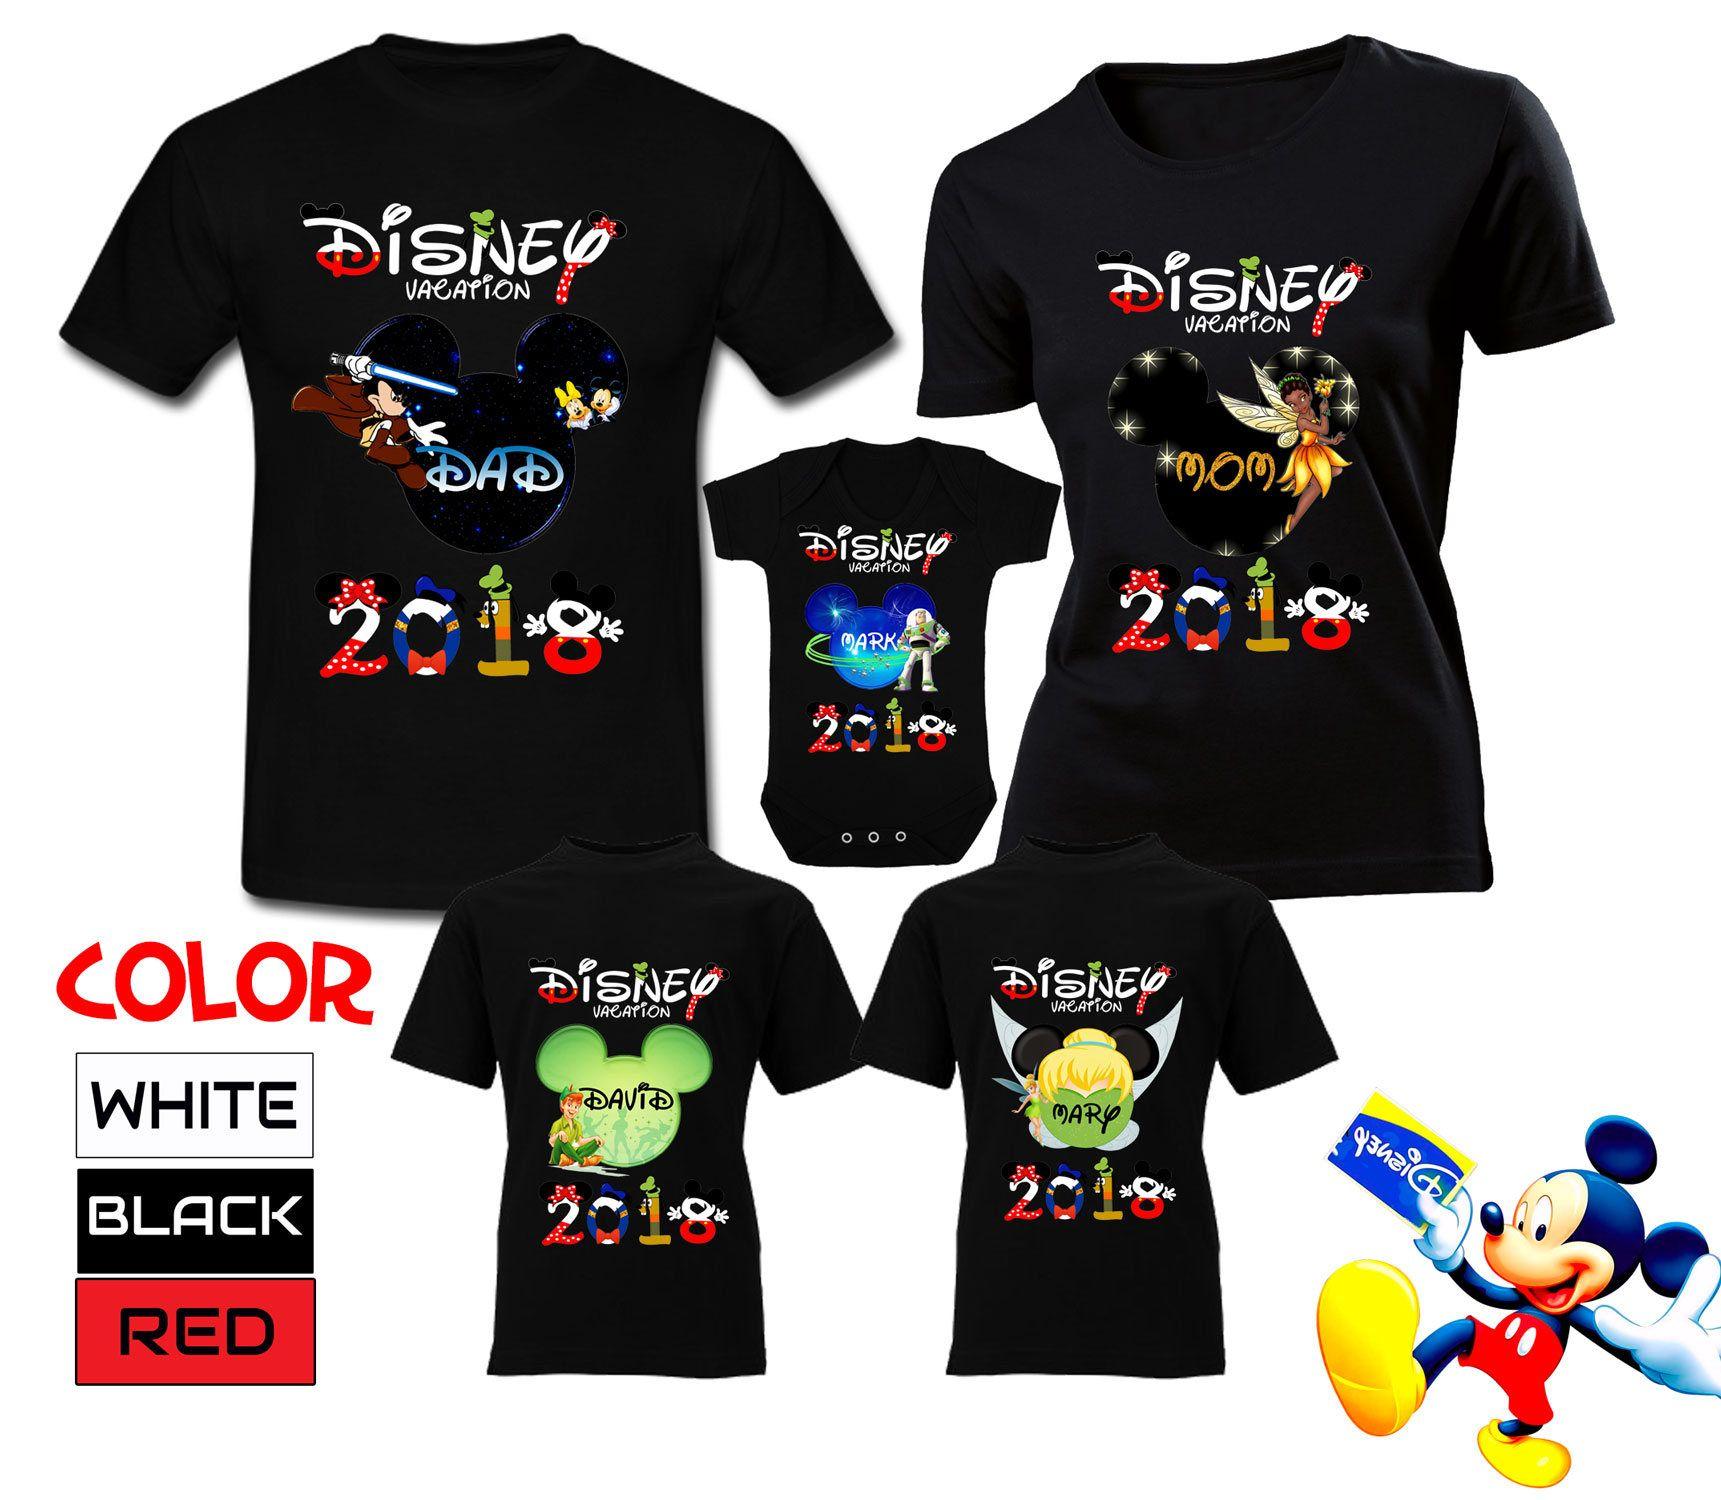 b129cbbfe281 Disney Vacation Shirts Family Disney Trip T-Shirts Family Disney T-Shirts  Mickey Mouse Shirt Disney World Shirts Custom Disney Shirts by  DesignApparelStore ...